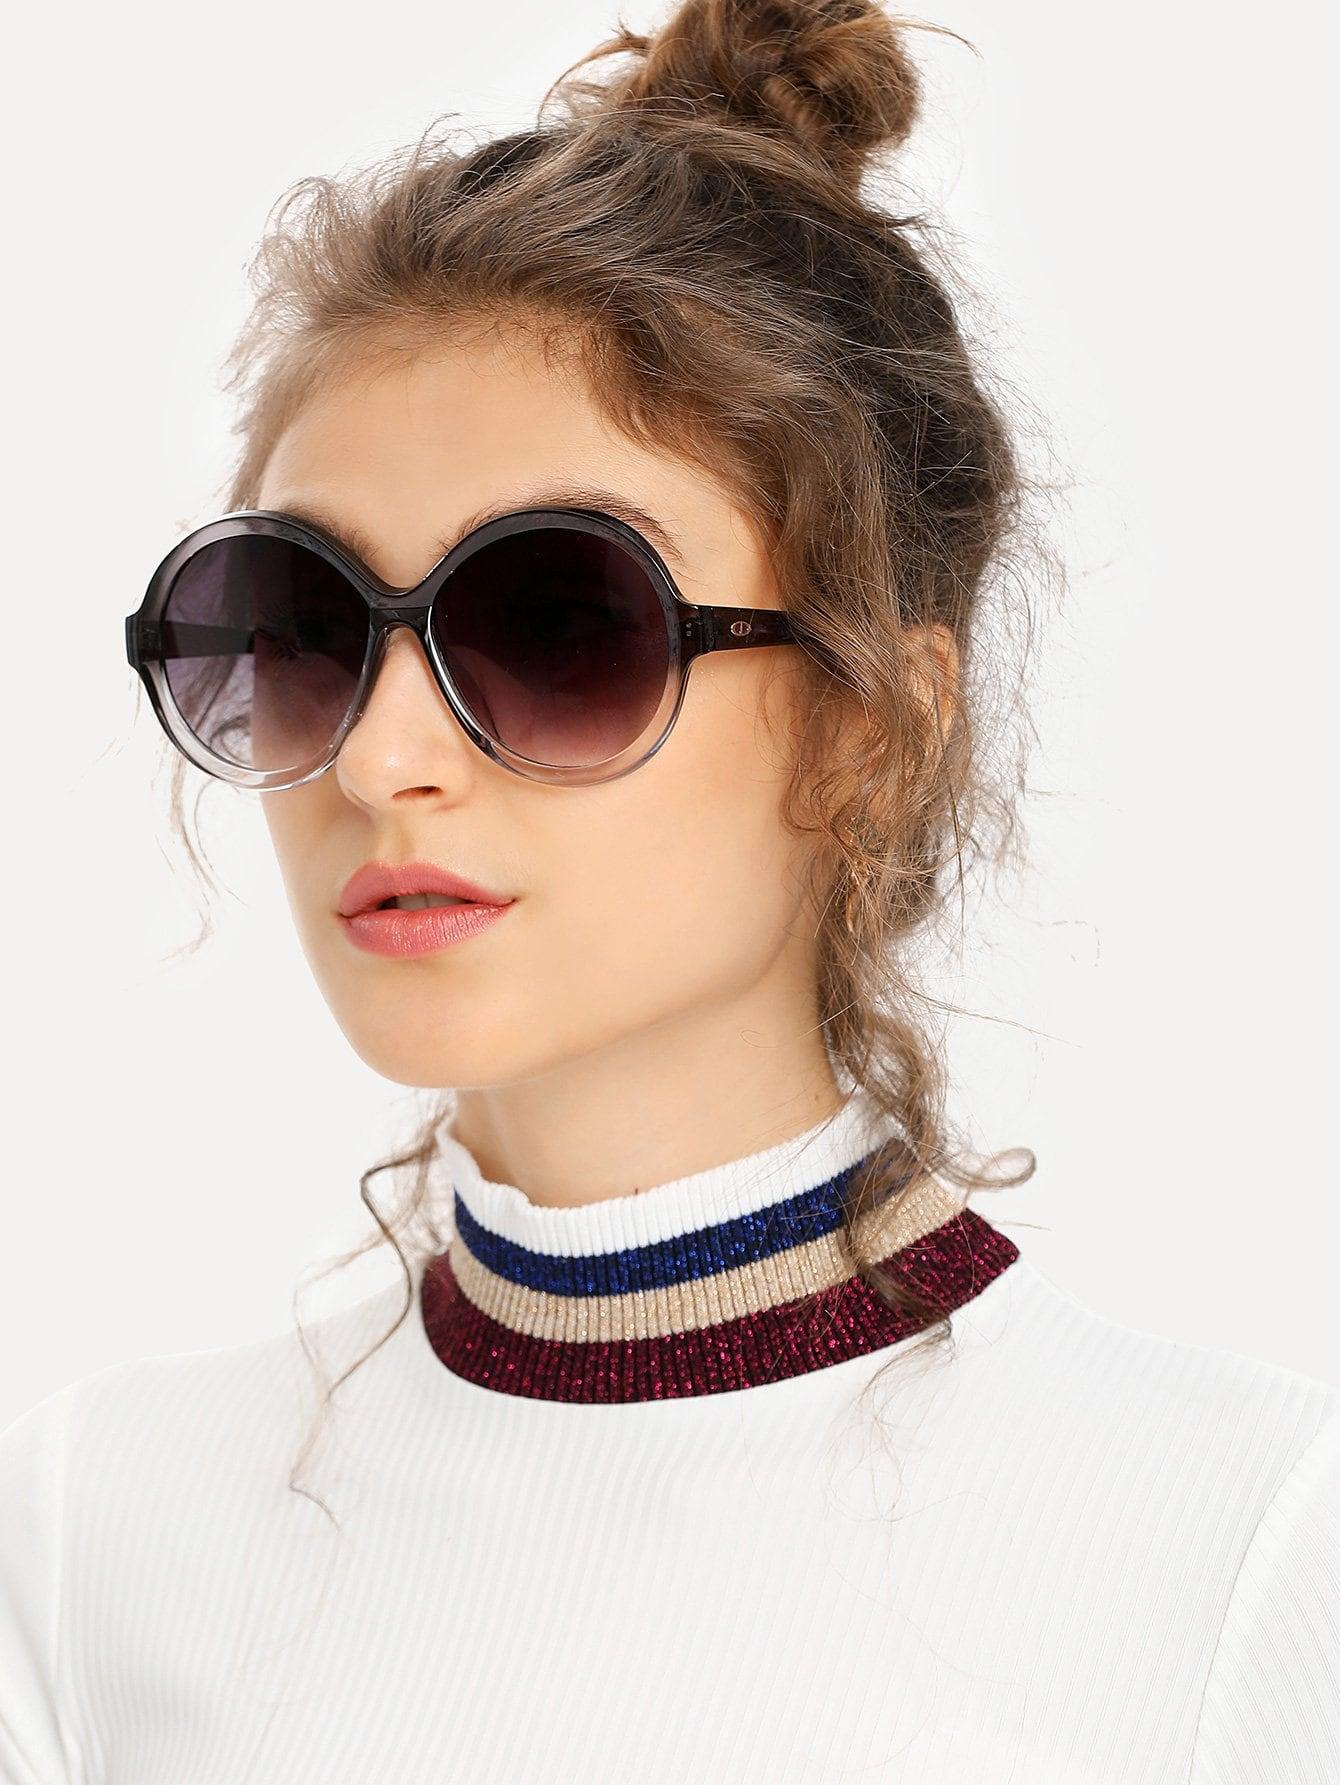 Round Mirror Lens Sunglasses round lens sunglasses